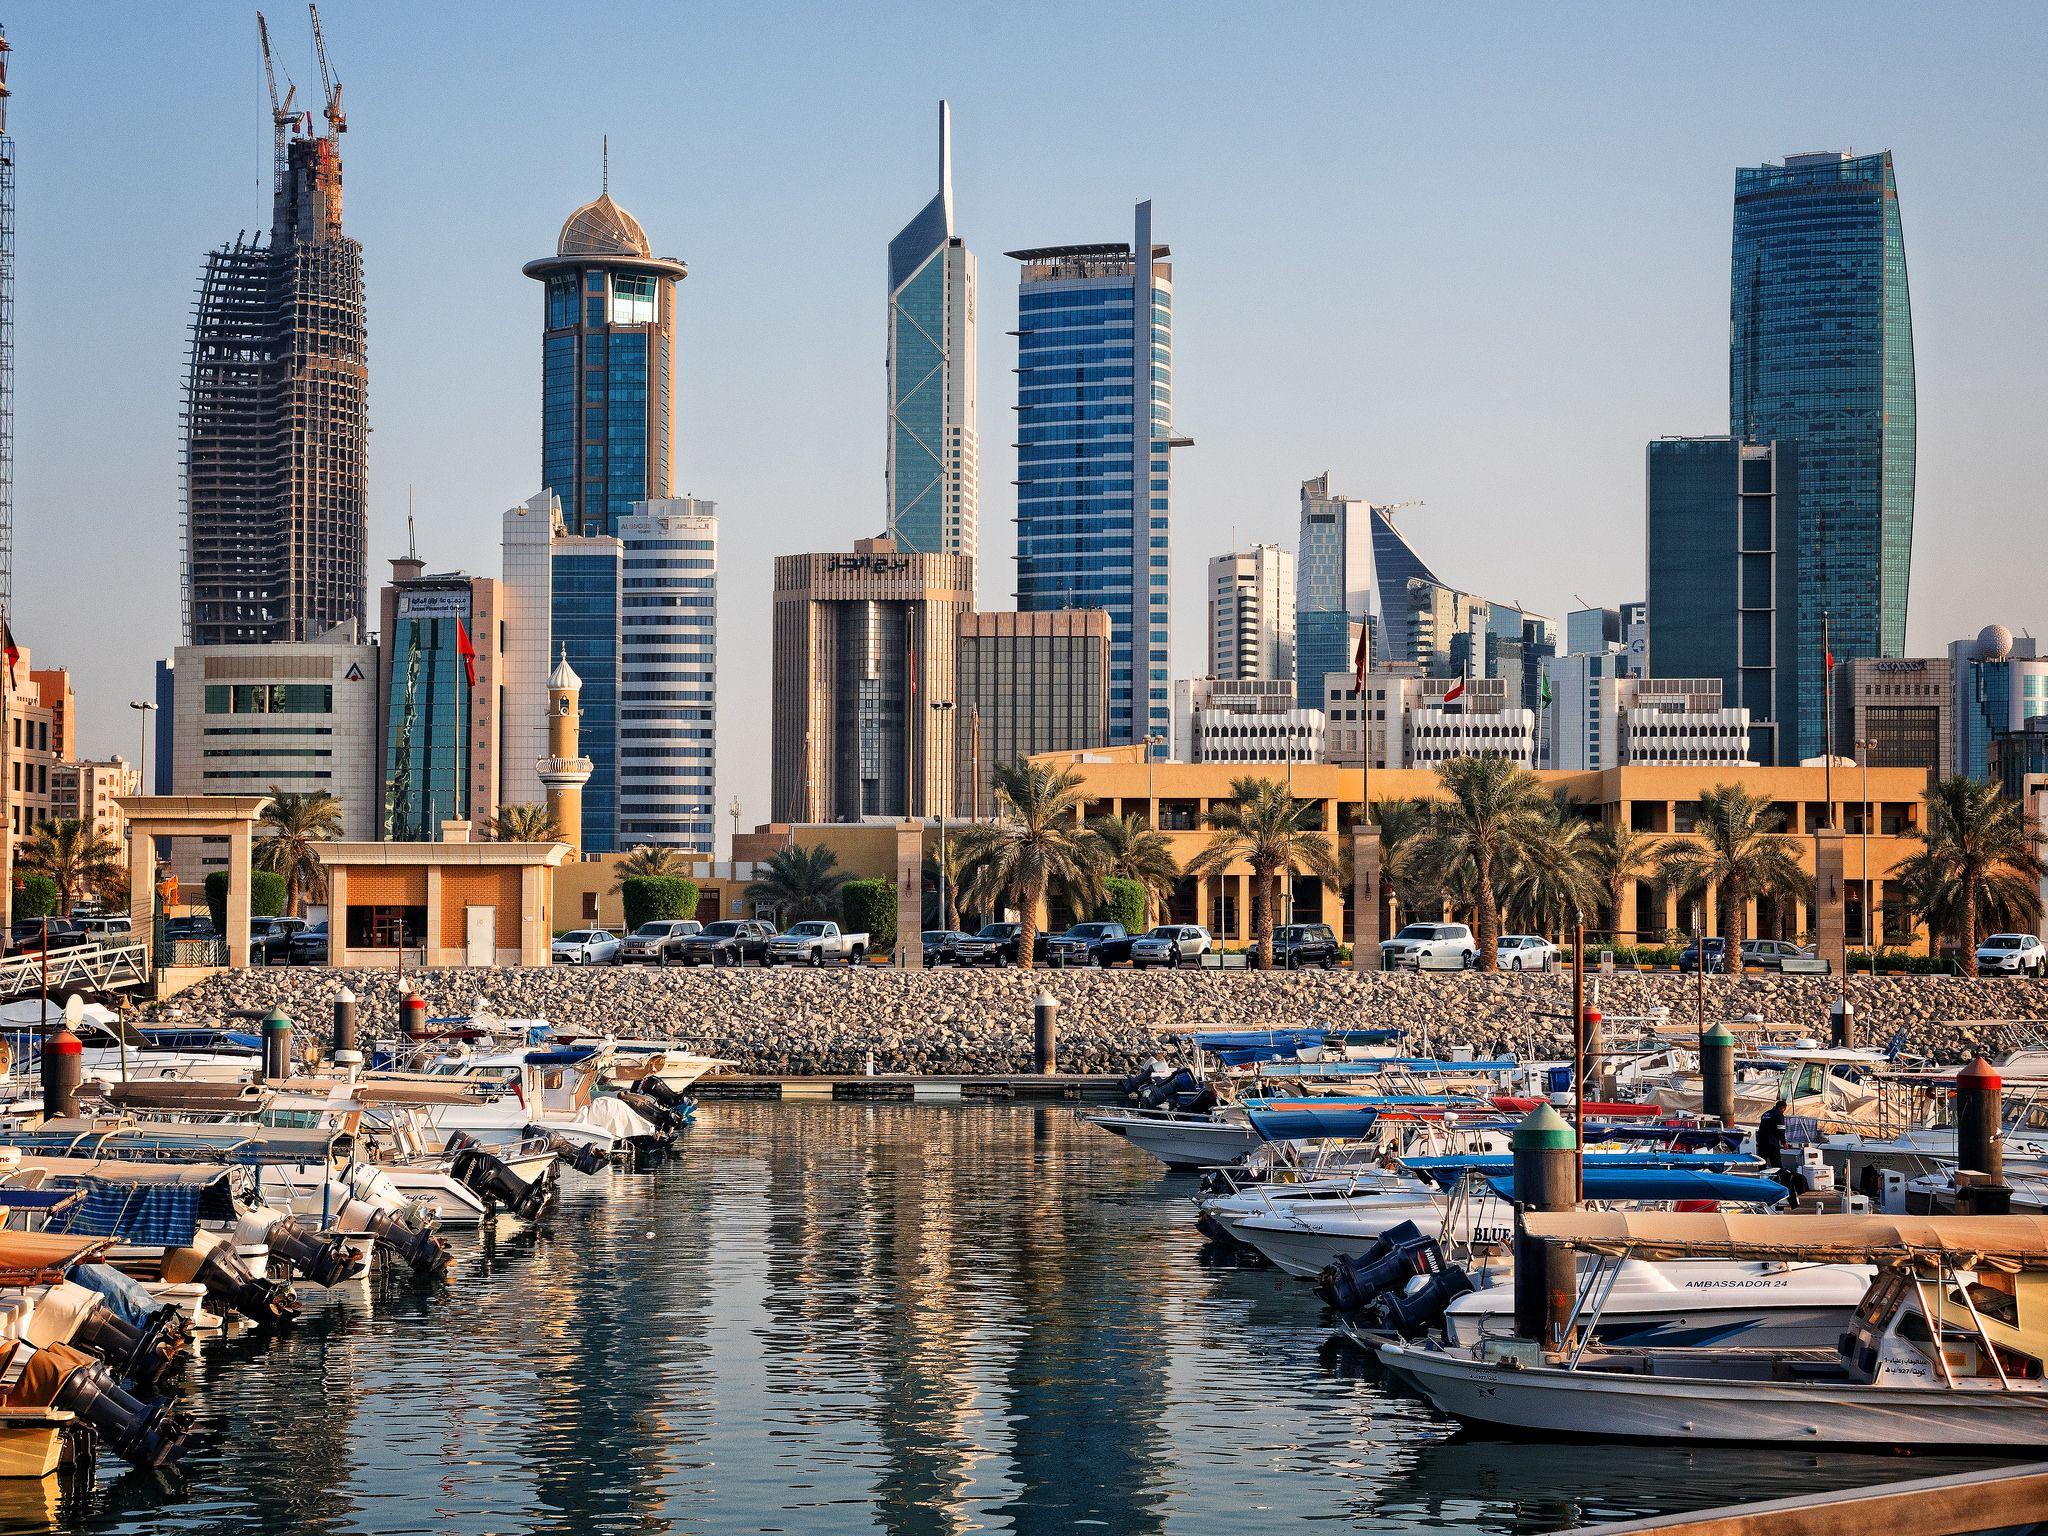 Kuwait City Kuwait [2048 x 1536] Want an iPad Air Air 2 Air Pro 2048x1536